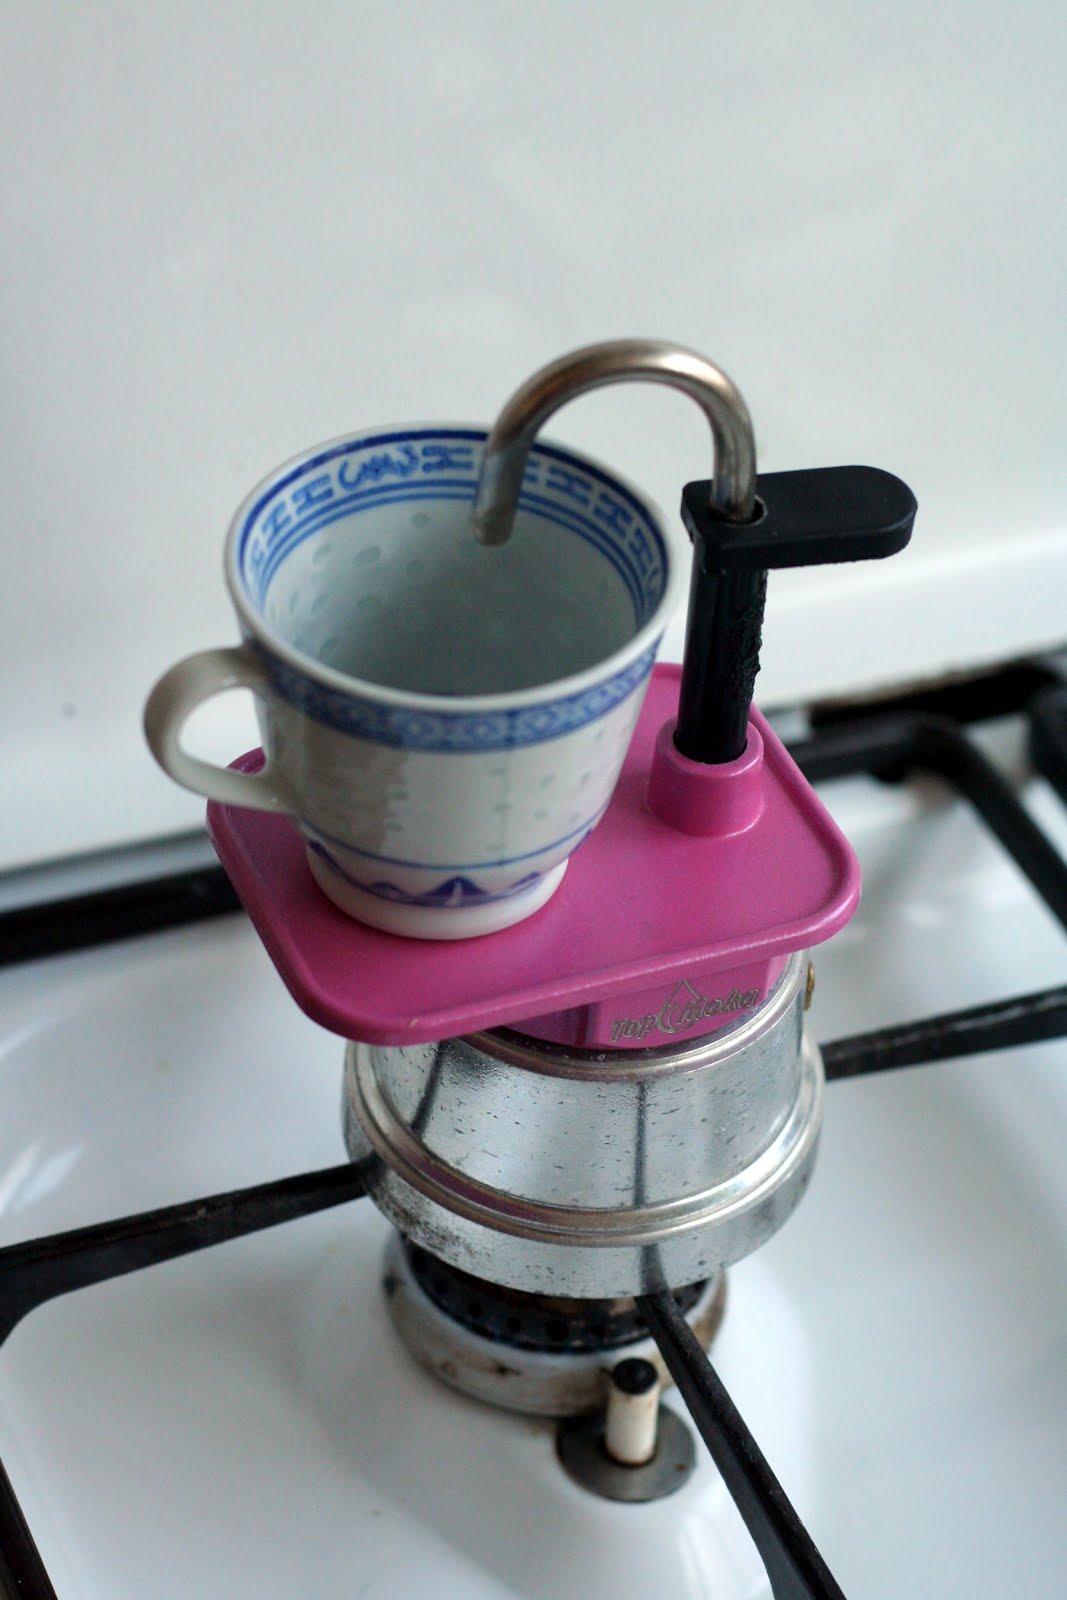 Qui m 39 aime me lise ma mini cafeti re de c lib 39 - Comment fonctionne cafetiere italienne ...